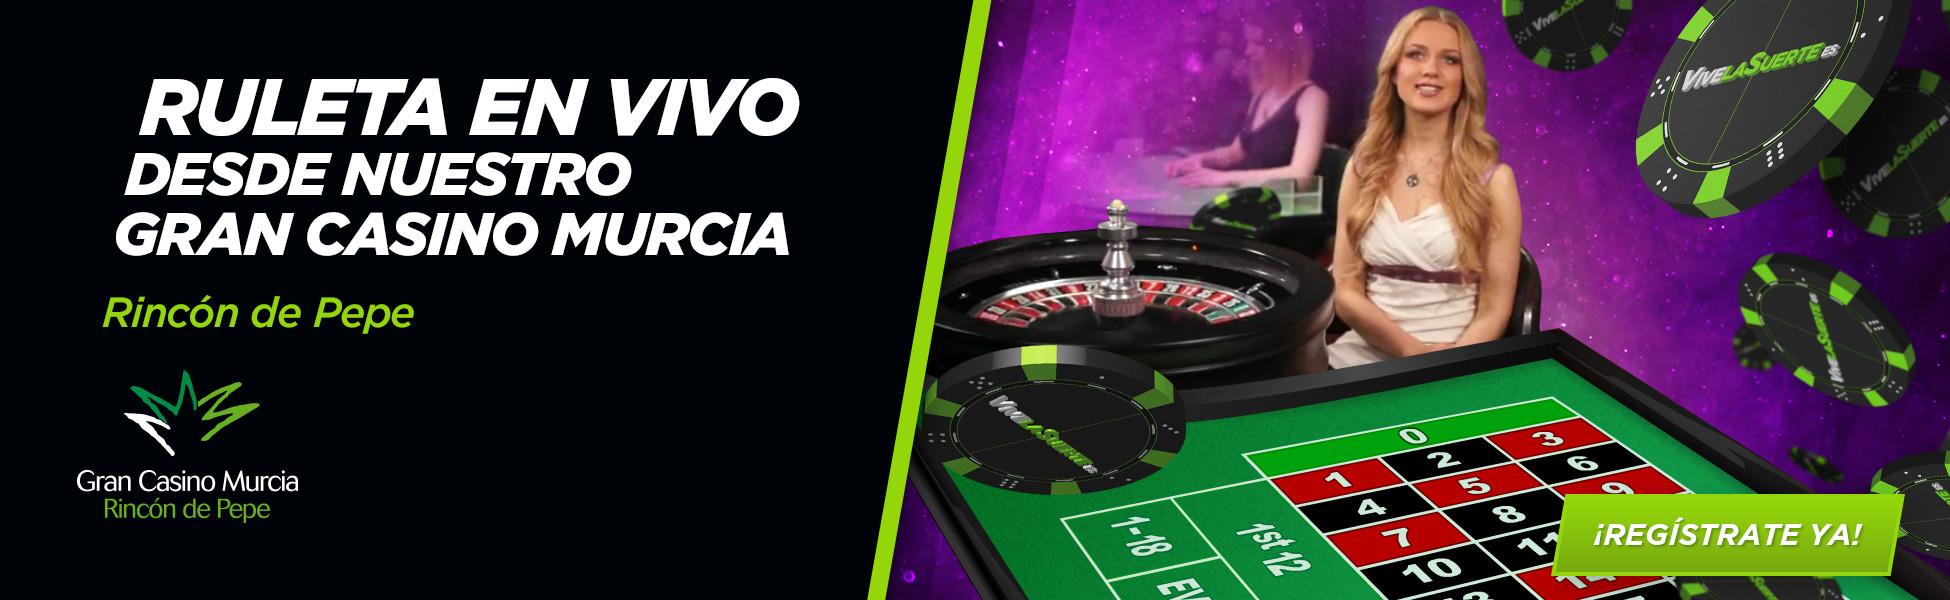 Vive la suerte información casino chilenos-622116